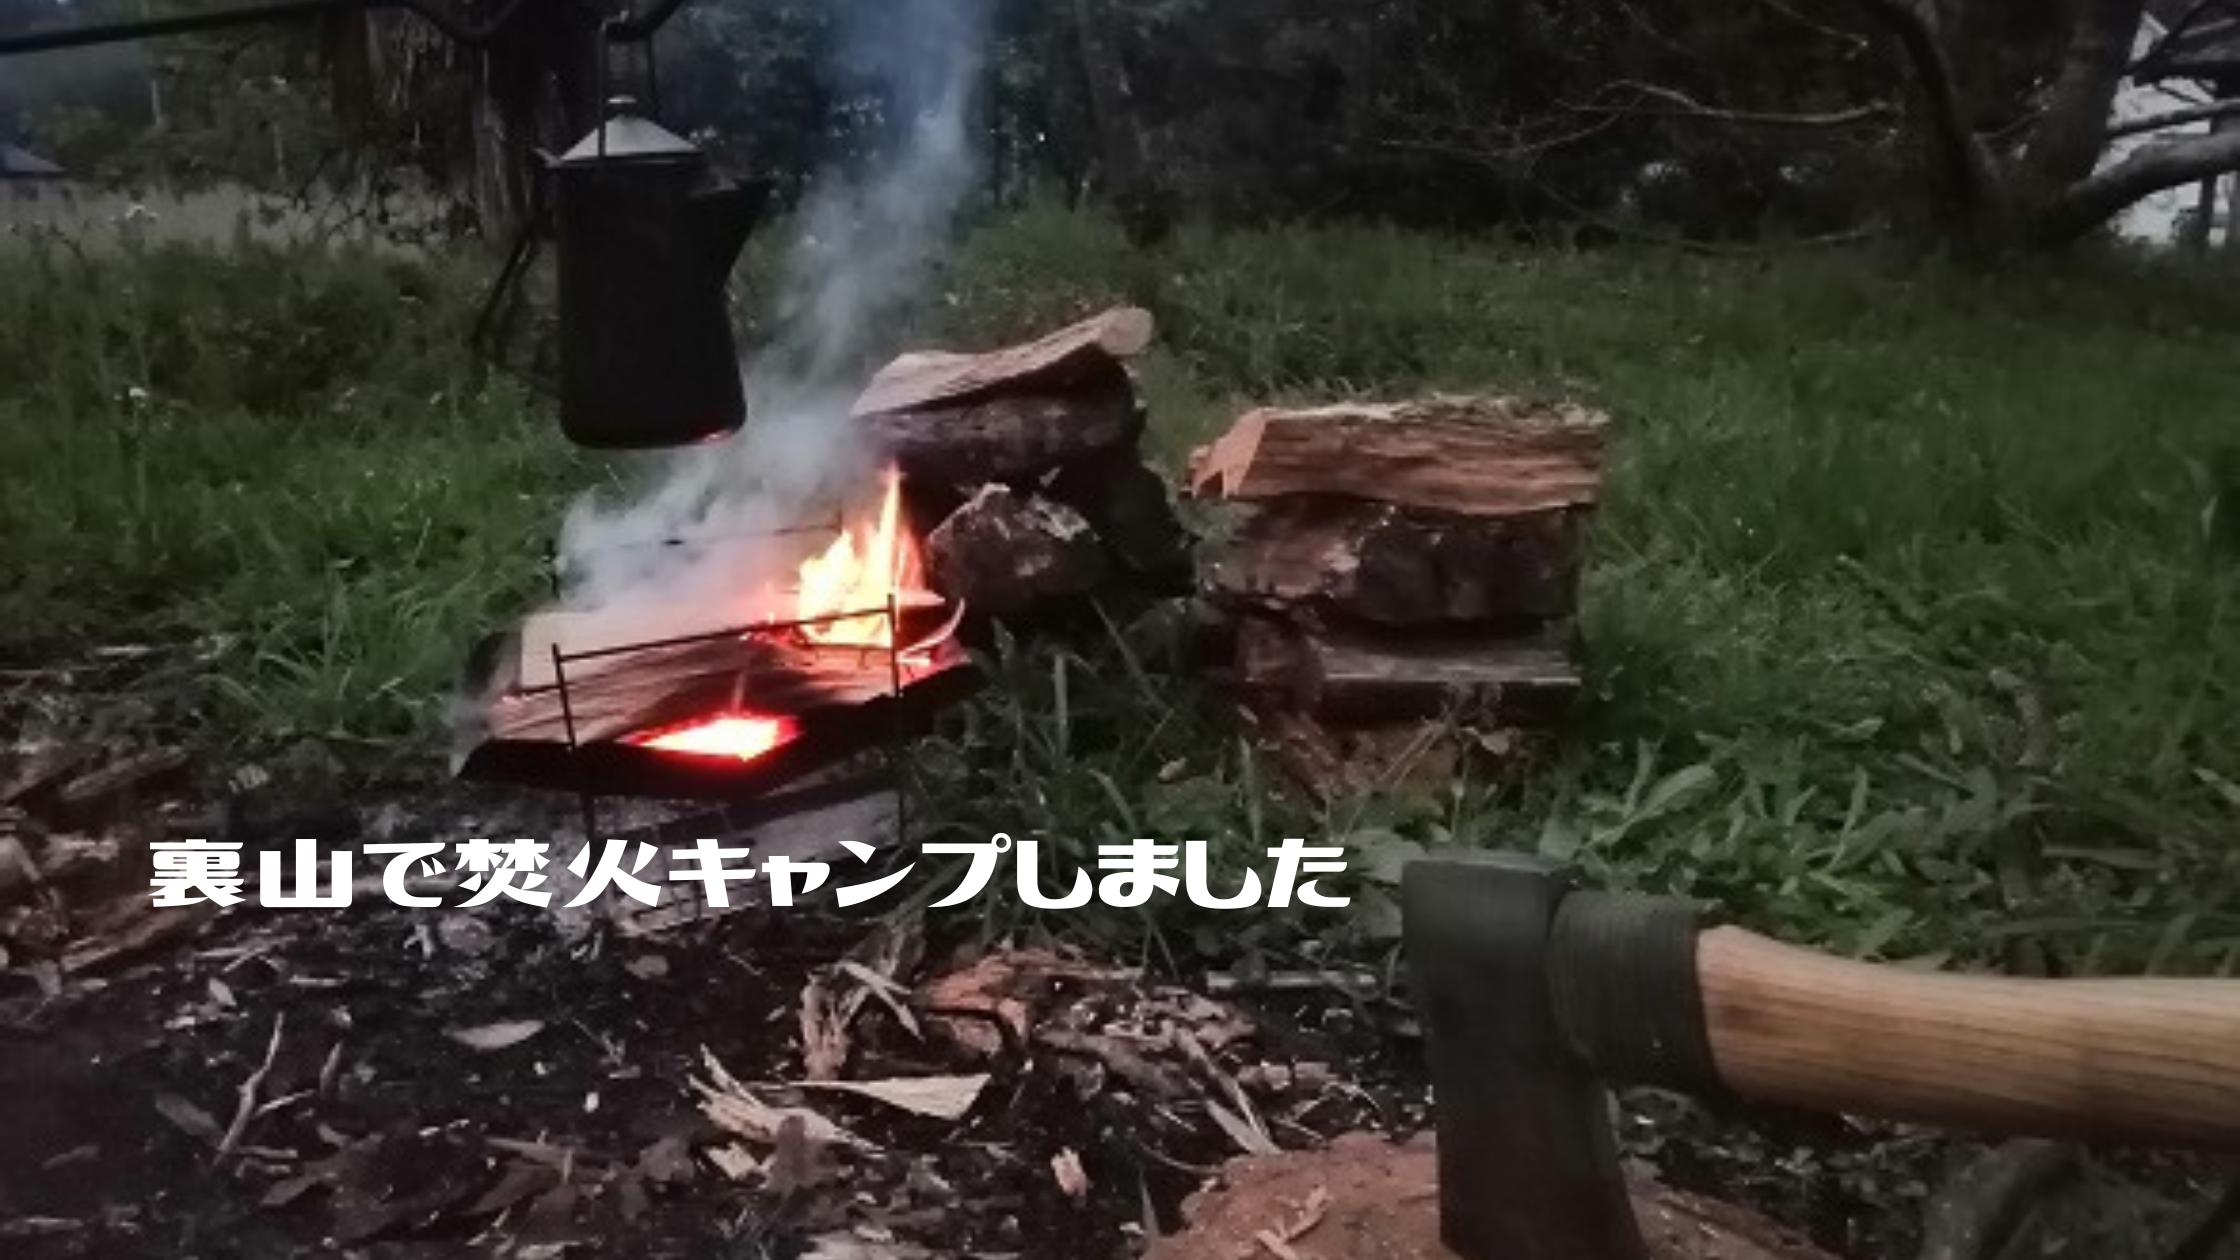 裏山で焚火キャンプしました